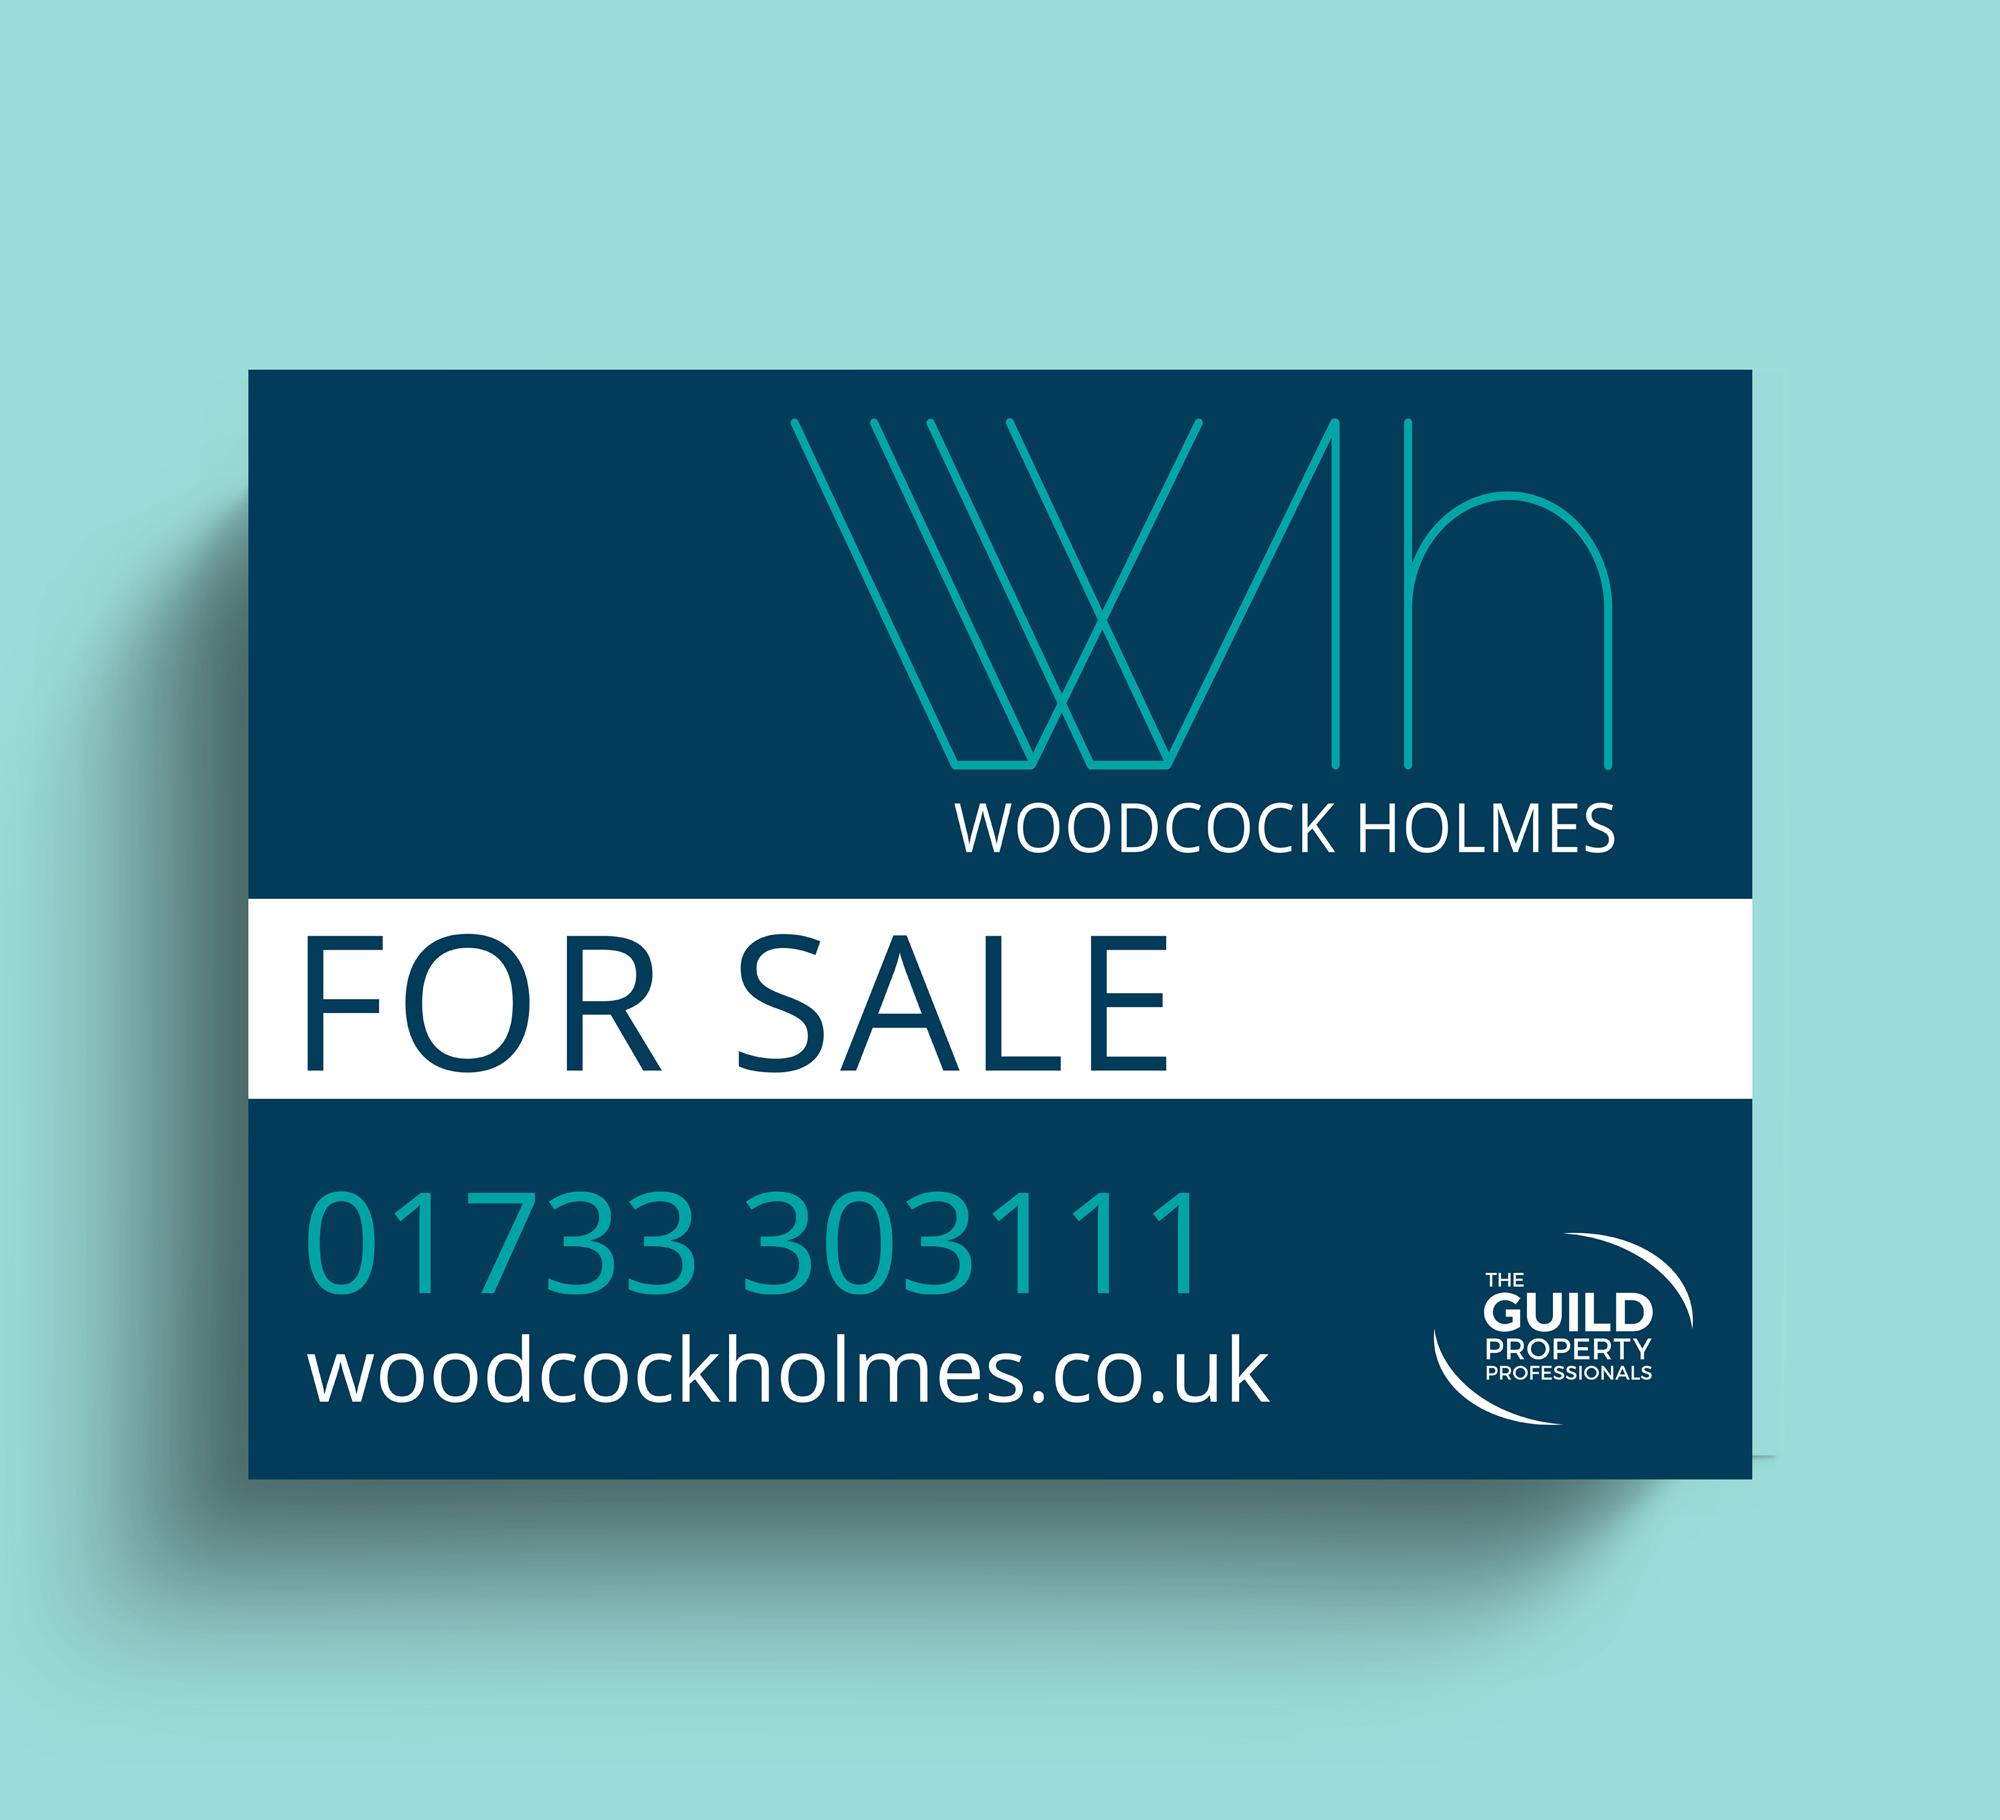 _woodcock_holmes_board_turq